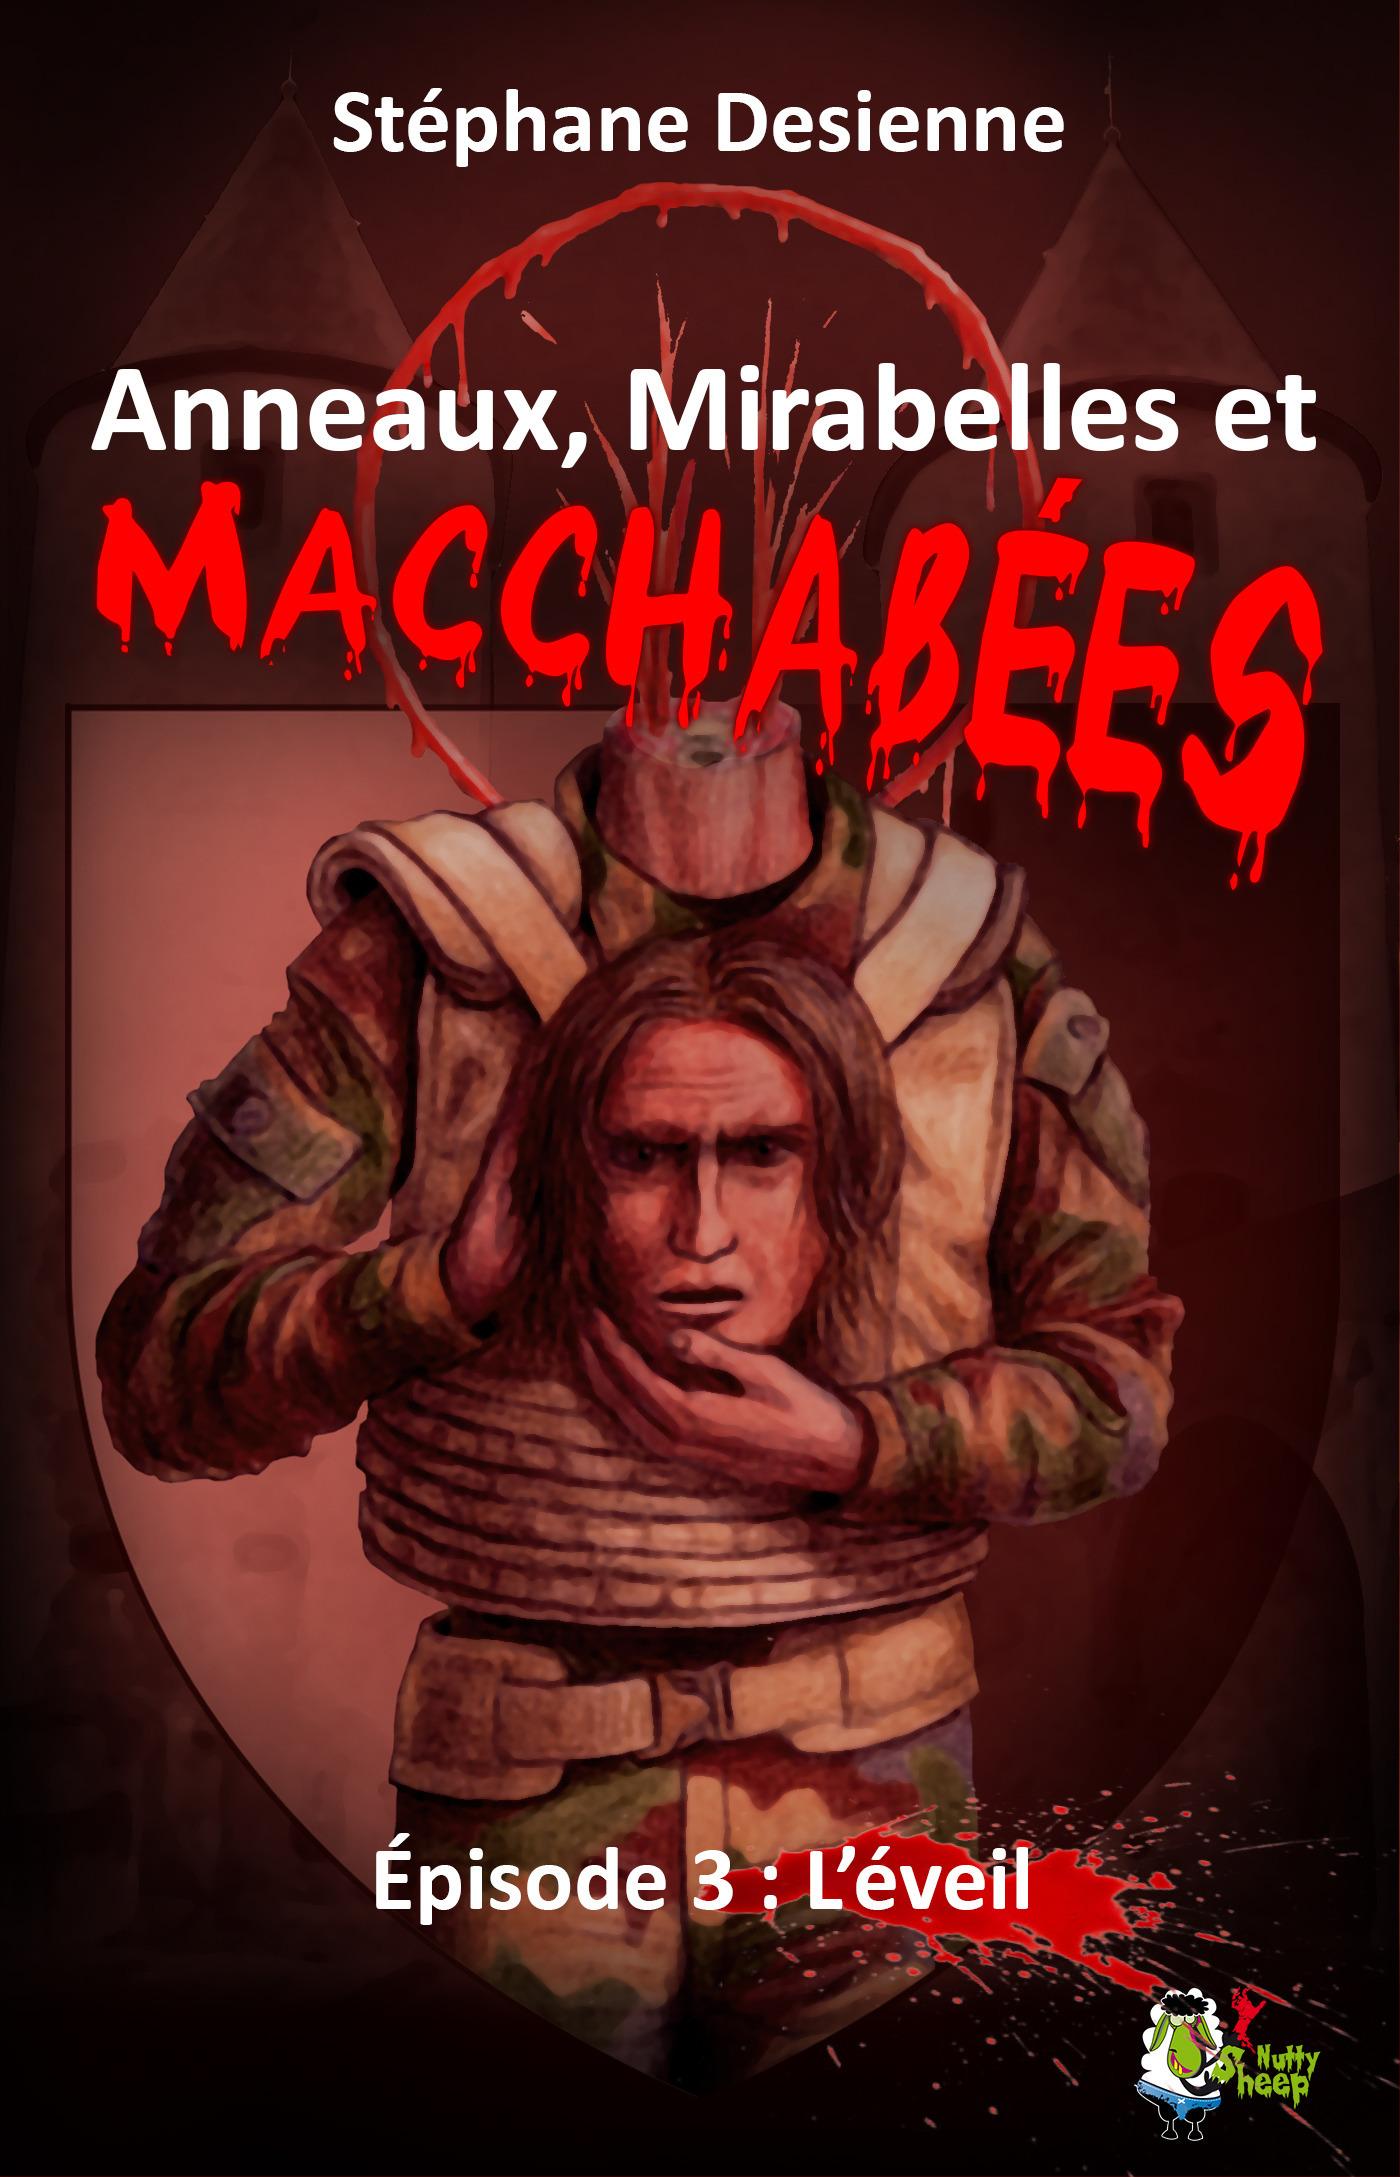 Anneaux, mirabelles et macchabées : Épisode 3